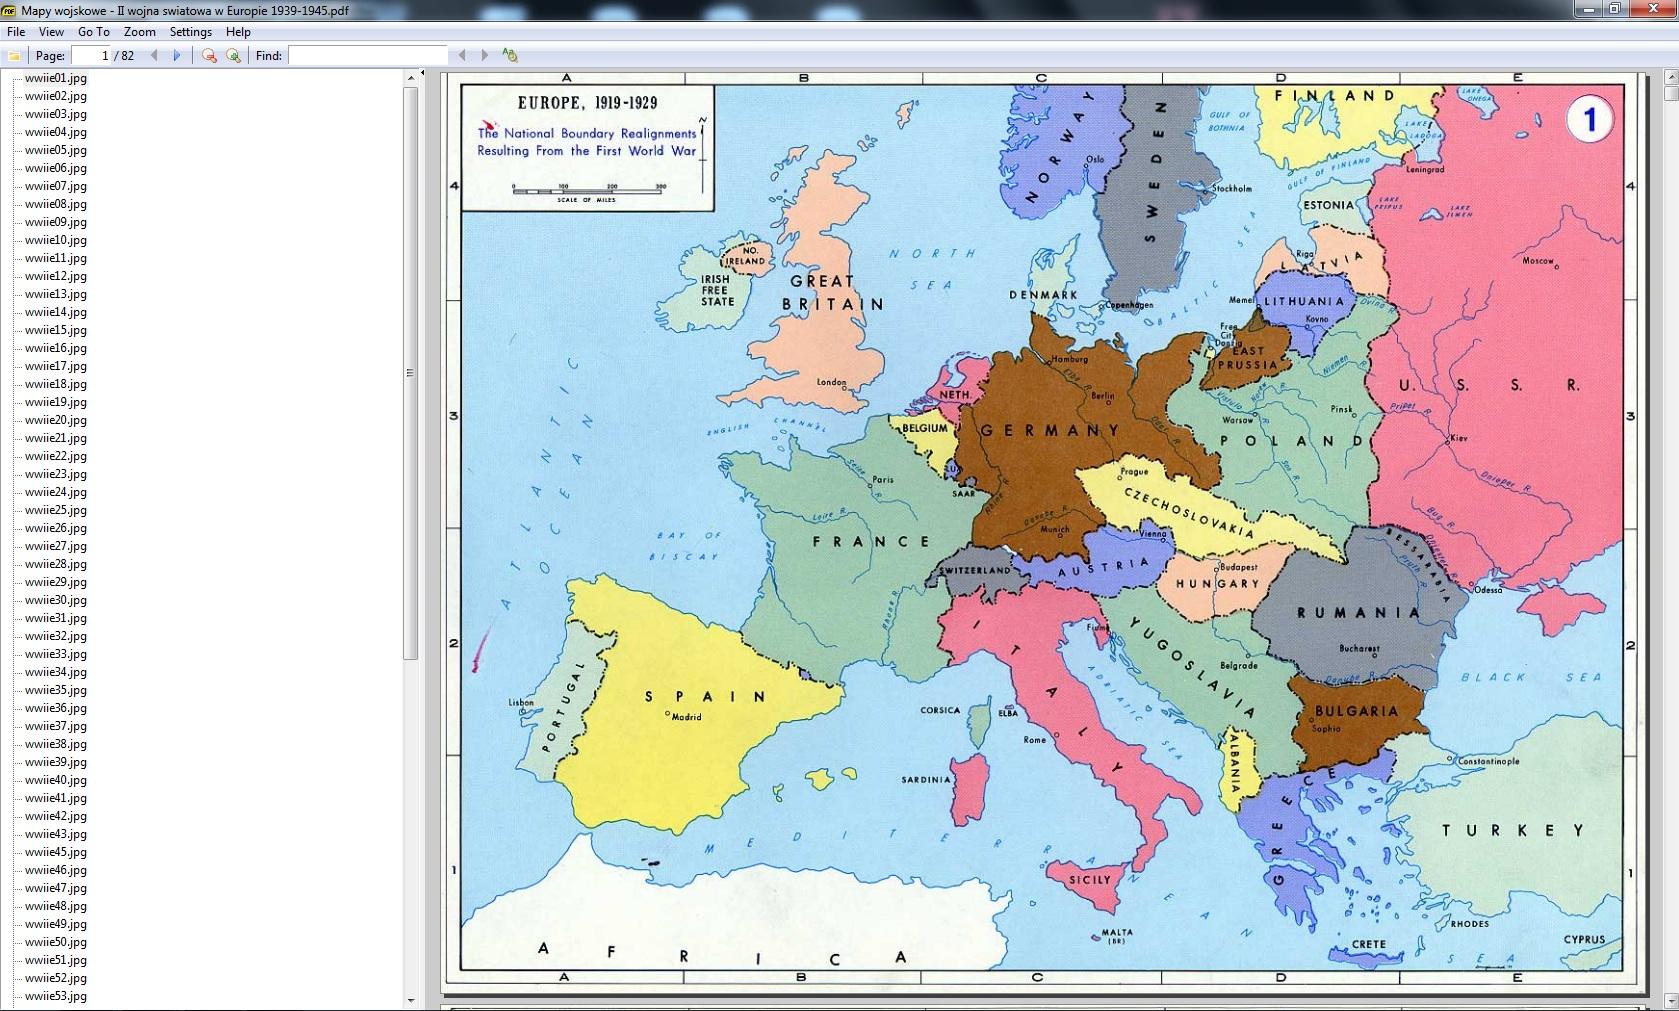 Mapy Wojskowe Ii Wojna Swiatowa W Europie 1939 1945 Pdf Nic